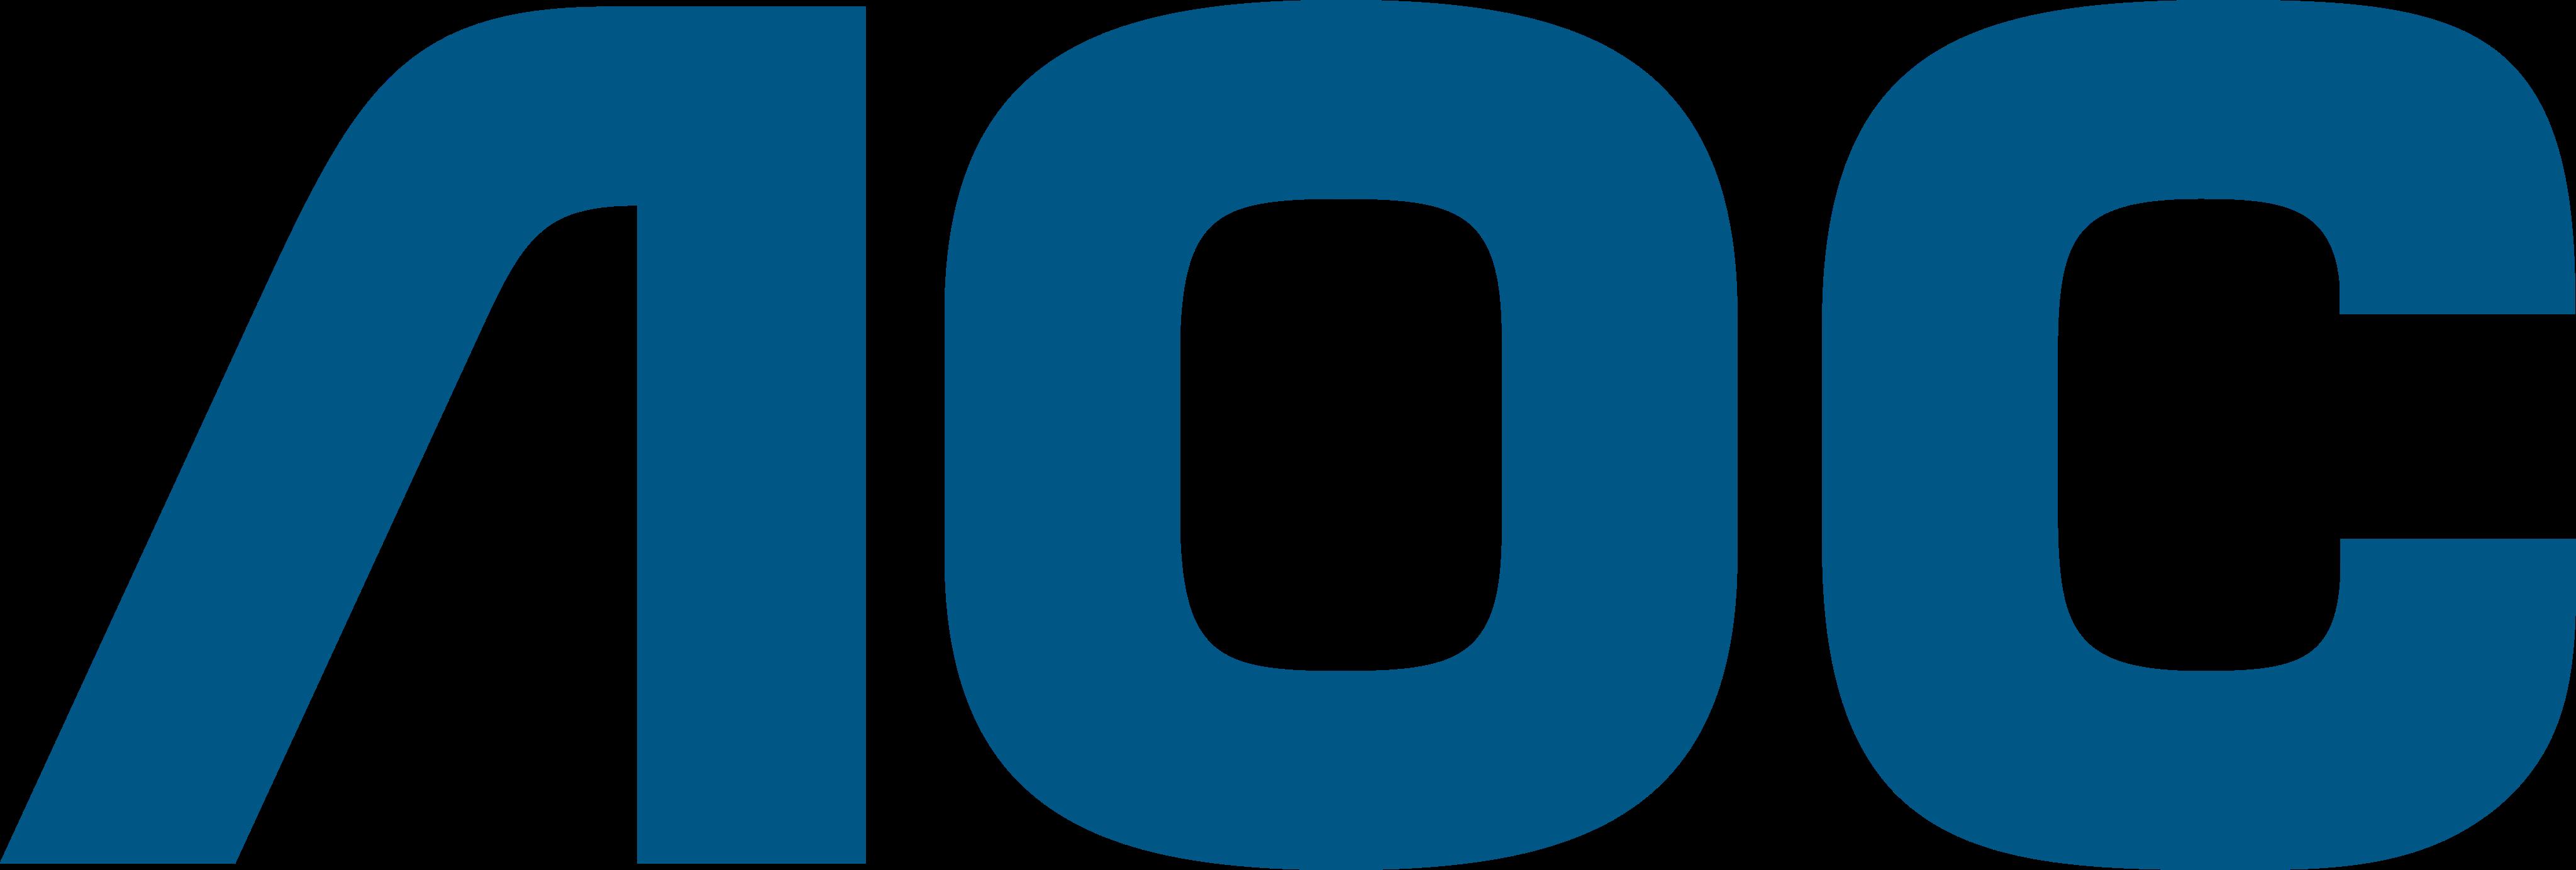 aoc logo 1 - AOC Logo